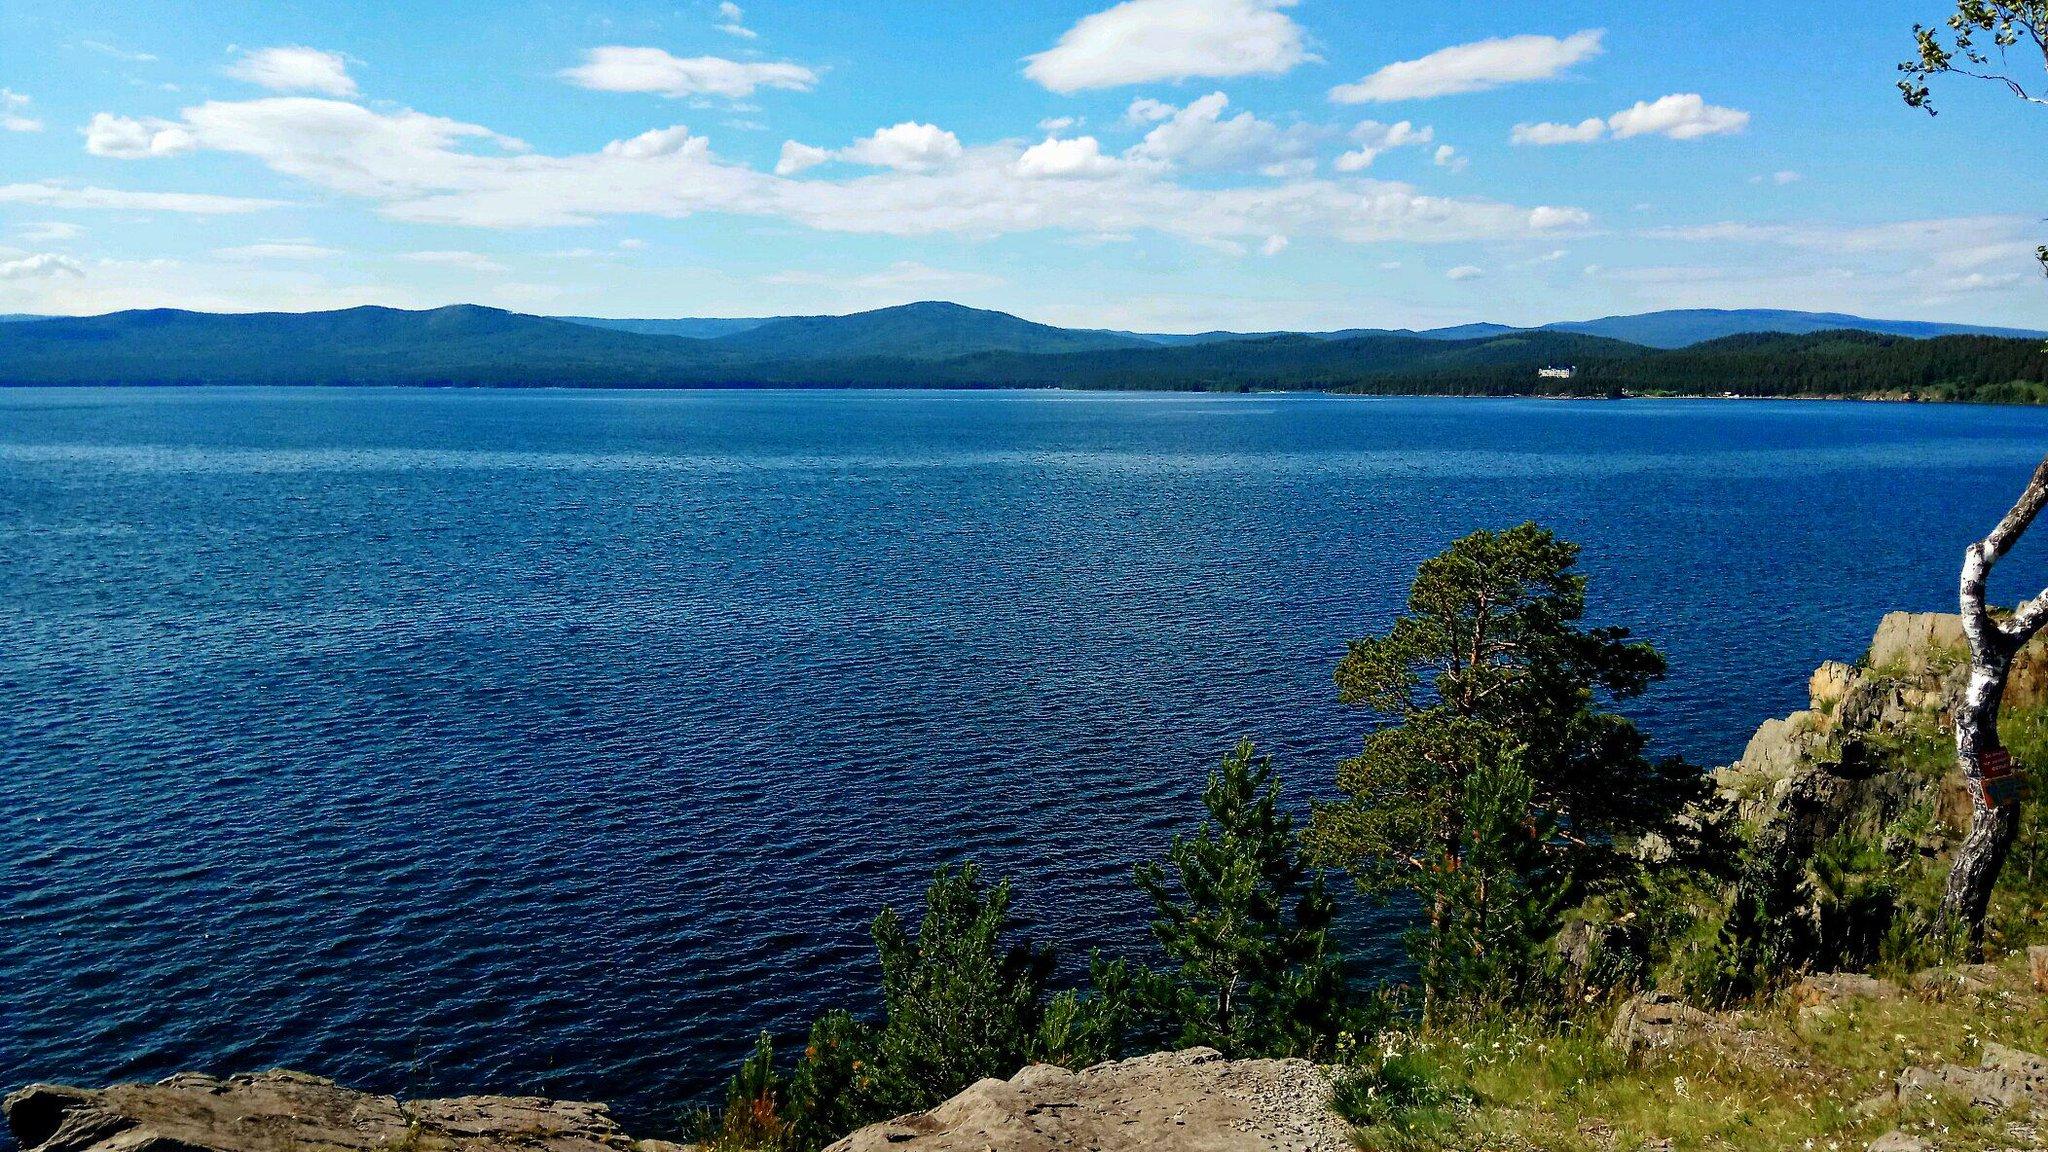 обычай укоренился озеро тургояк челябинская область фото как зарубежные